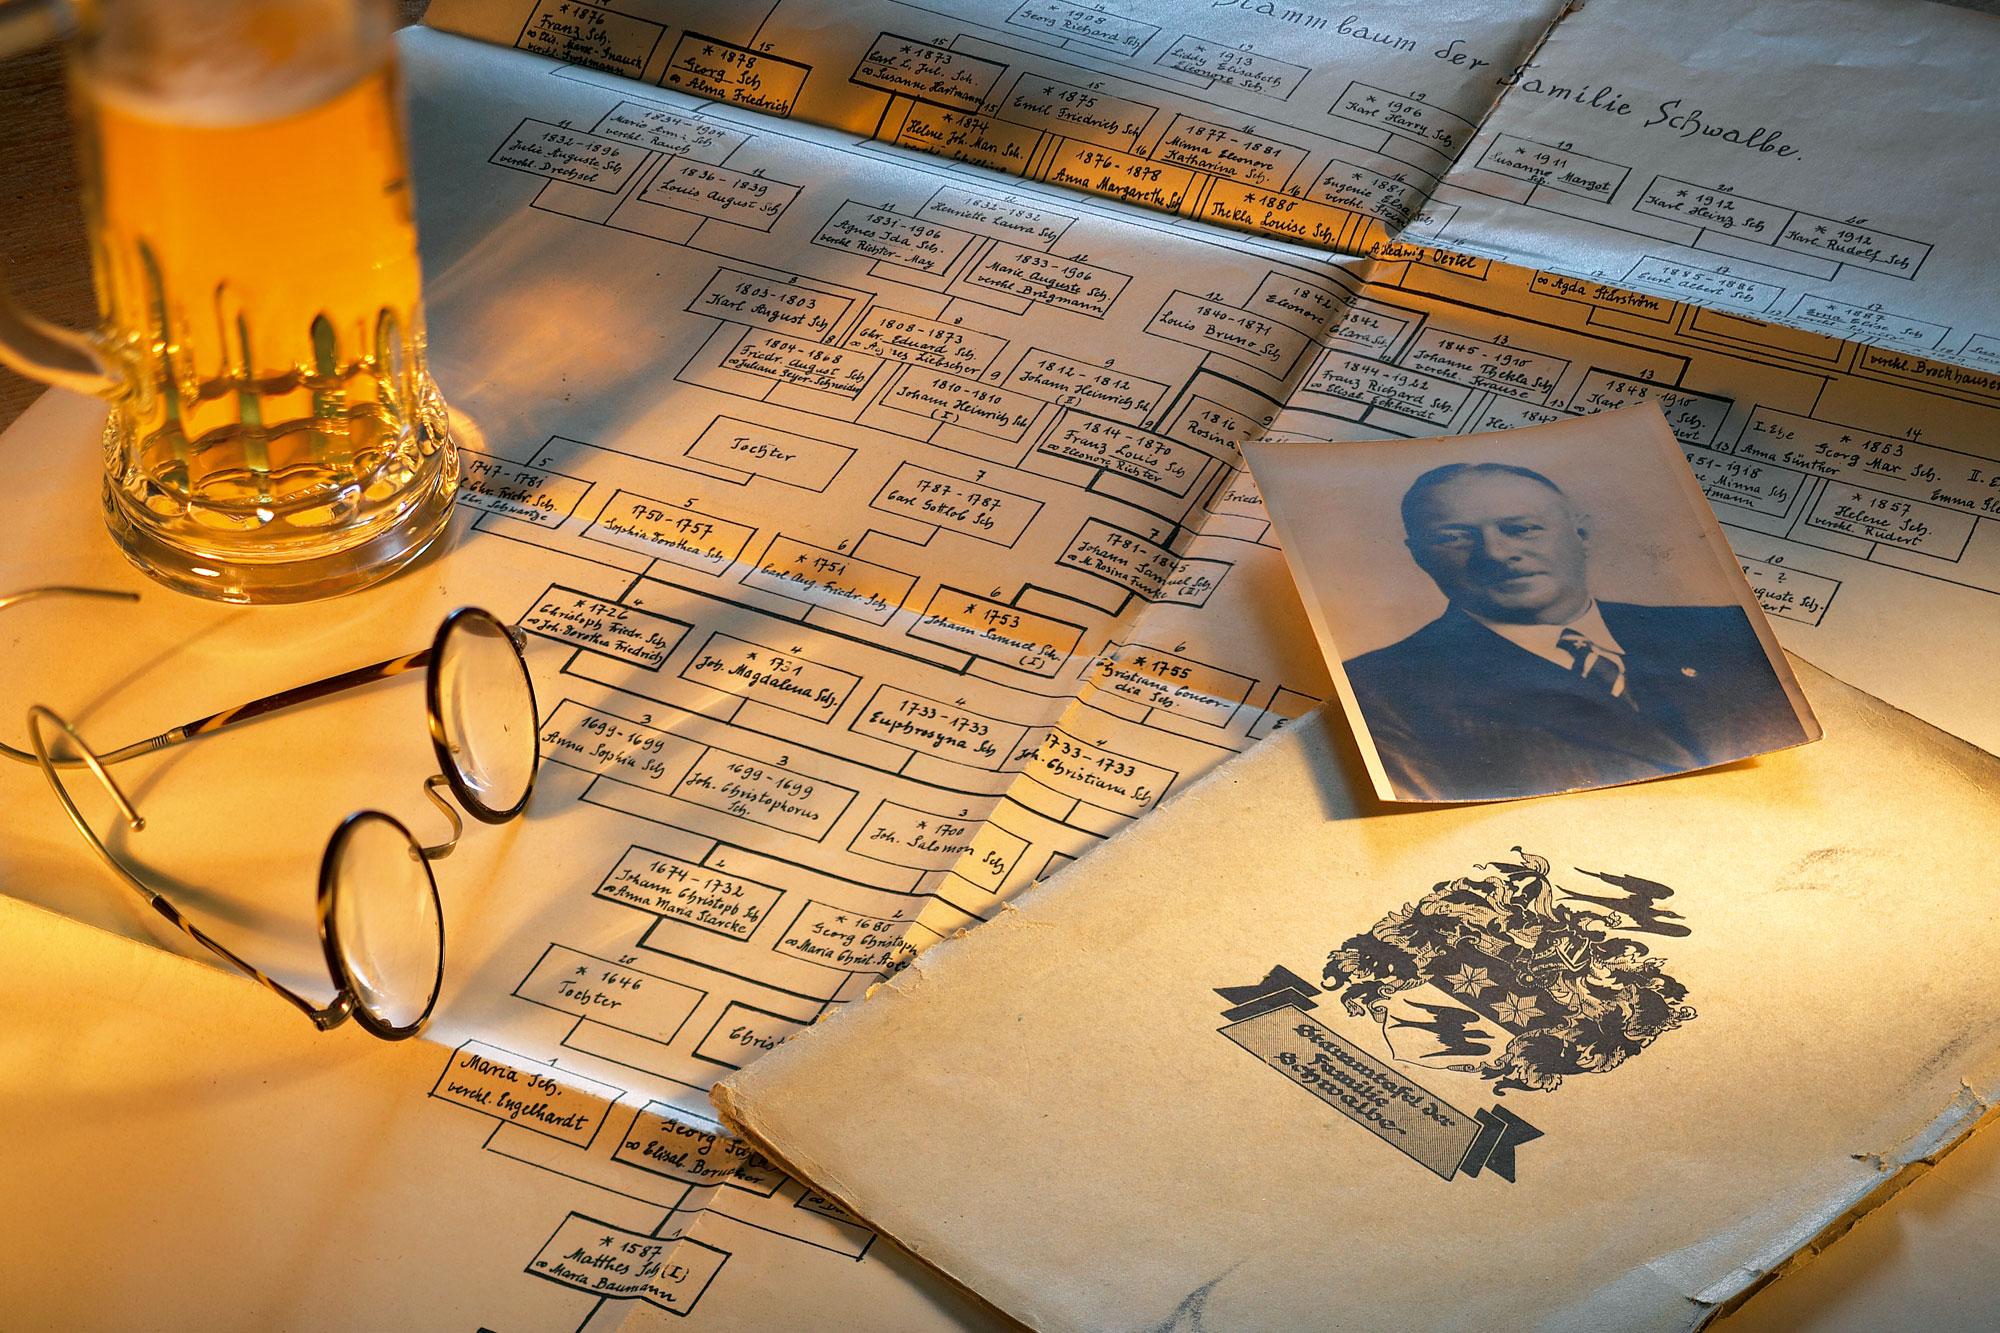 Der Stammbaum des Brauereigründers Emil Schwalbe.